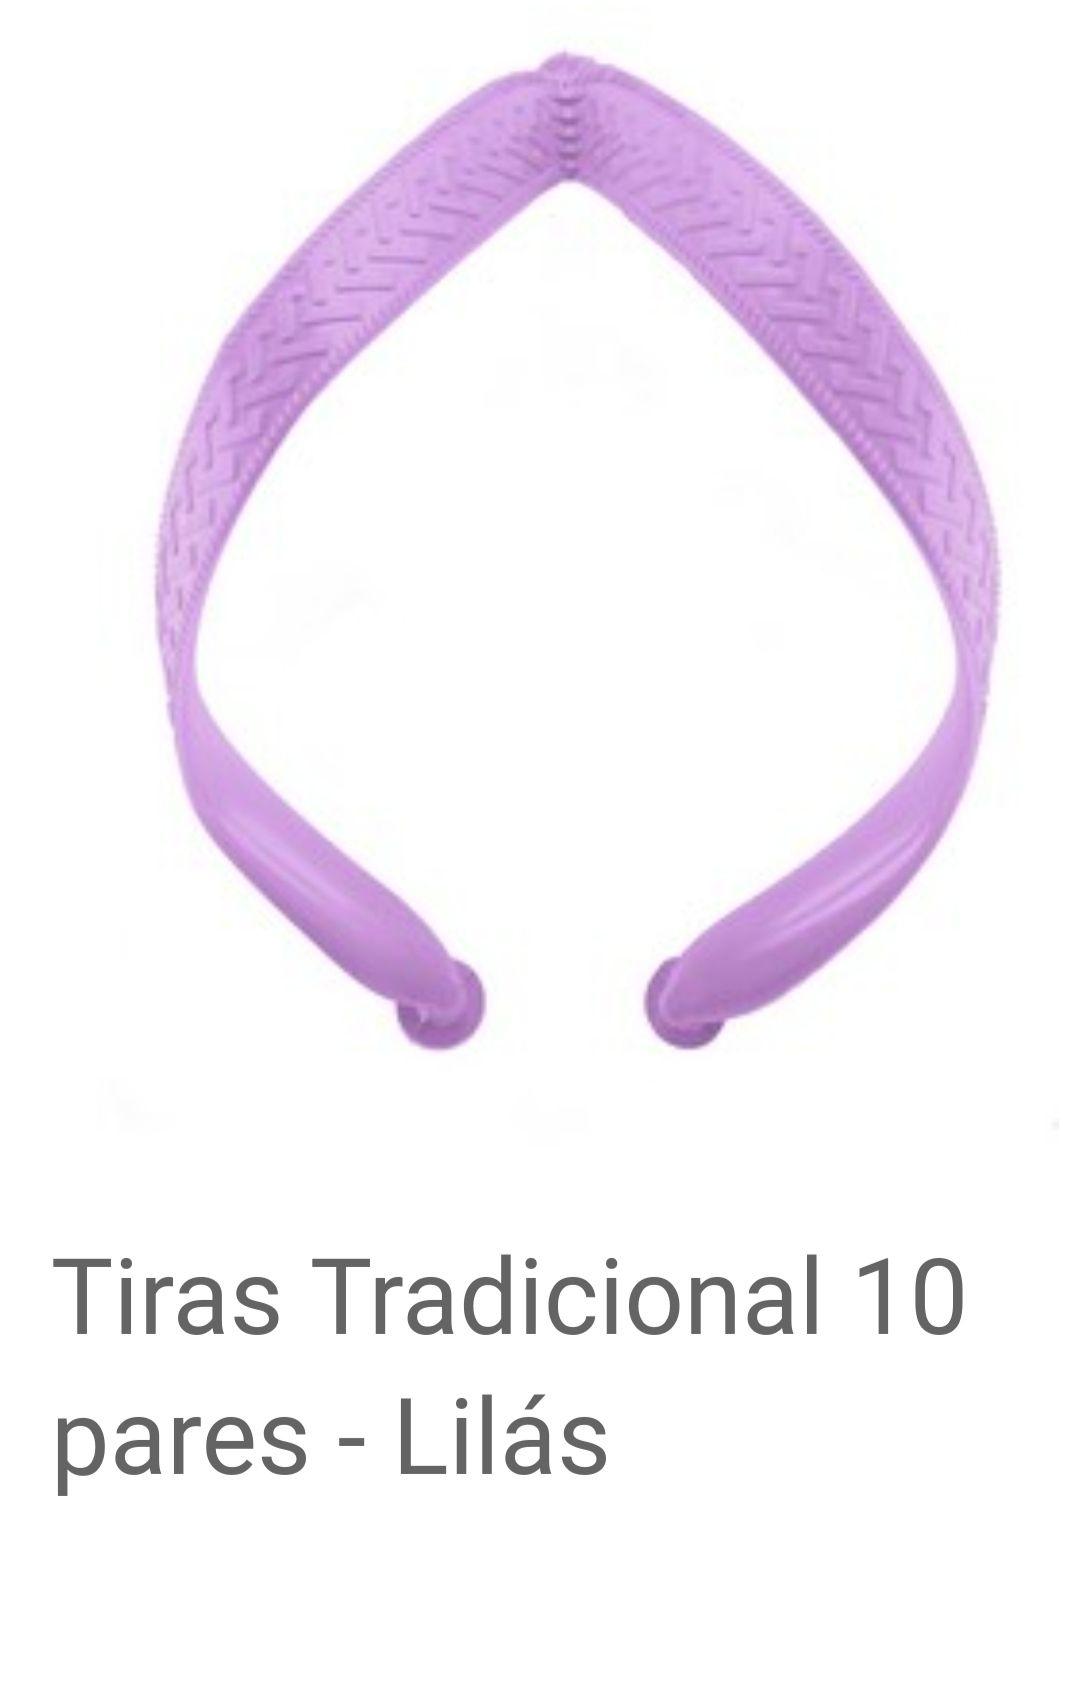 Tiras Tradicional Lilás com 10 pares